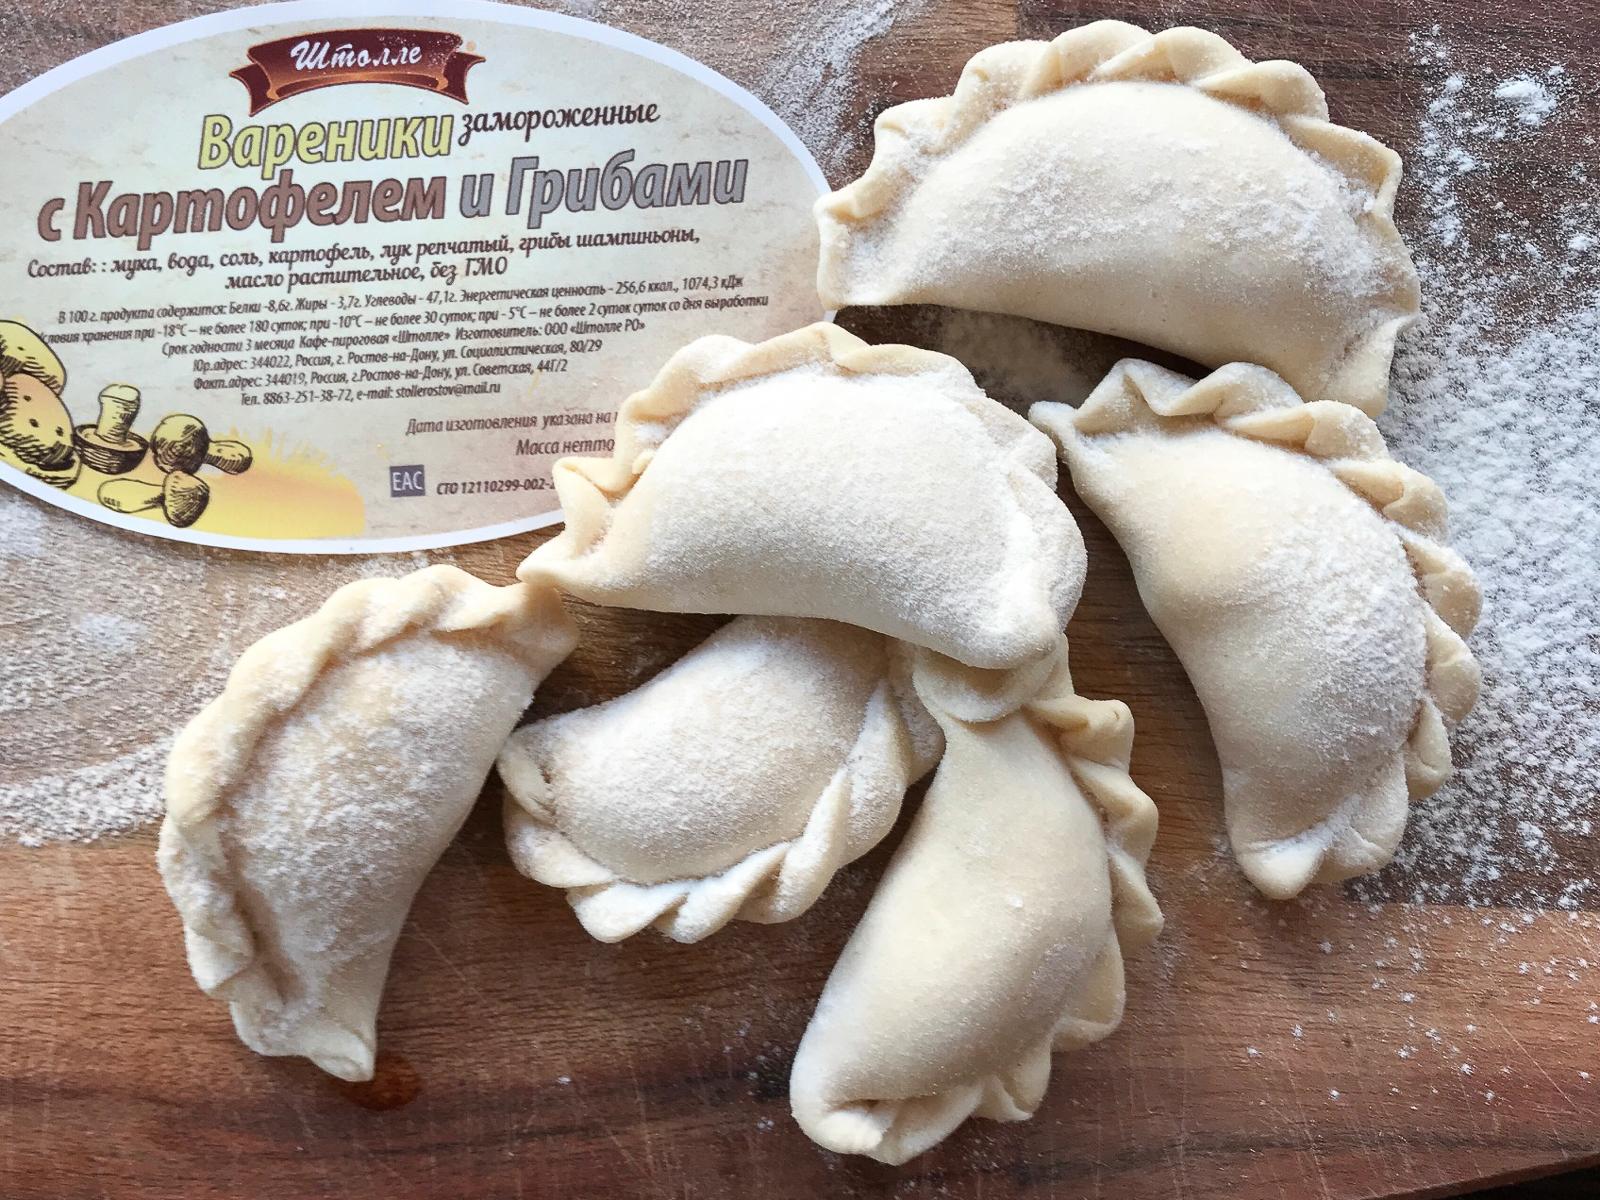 Замороженные вареники с картофелем и грибами